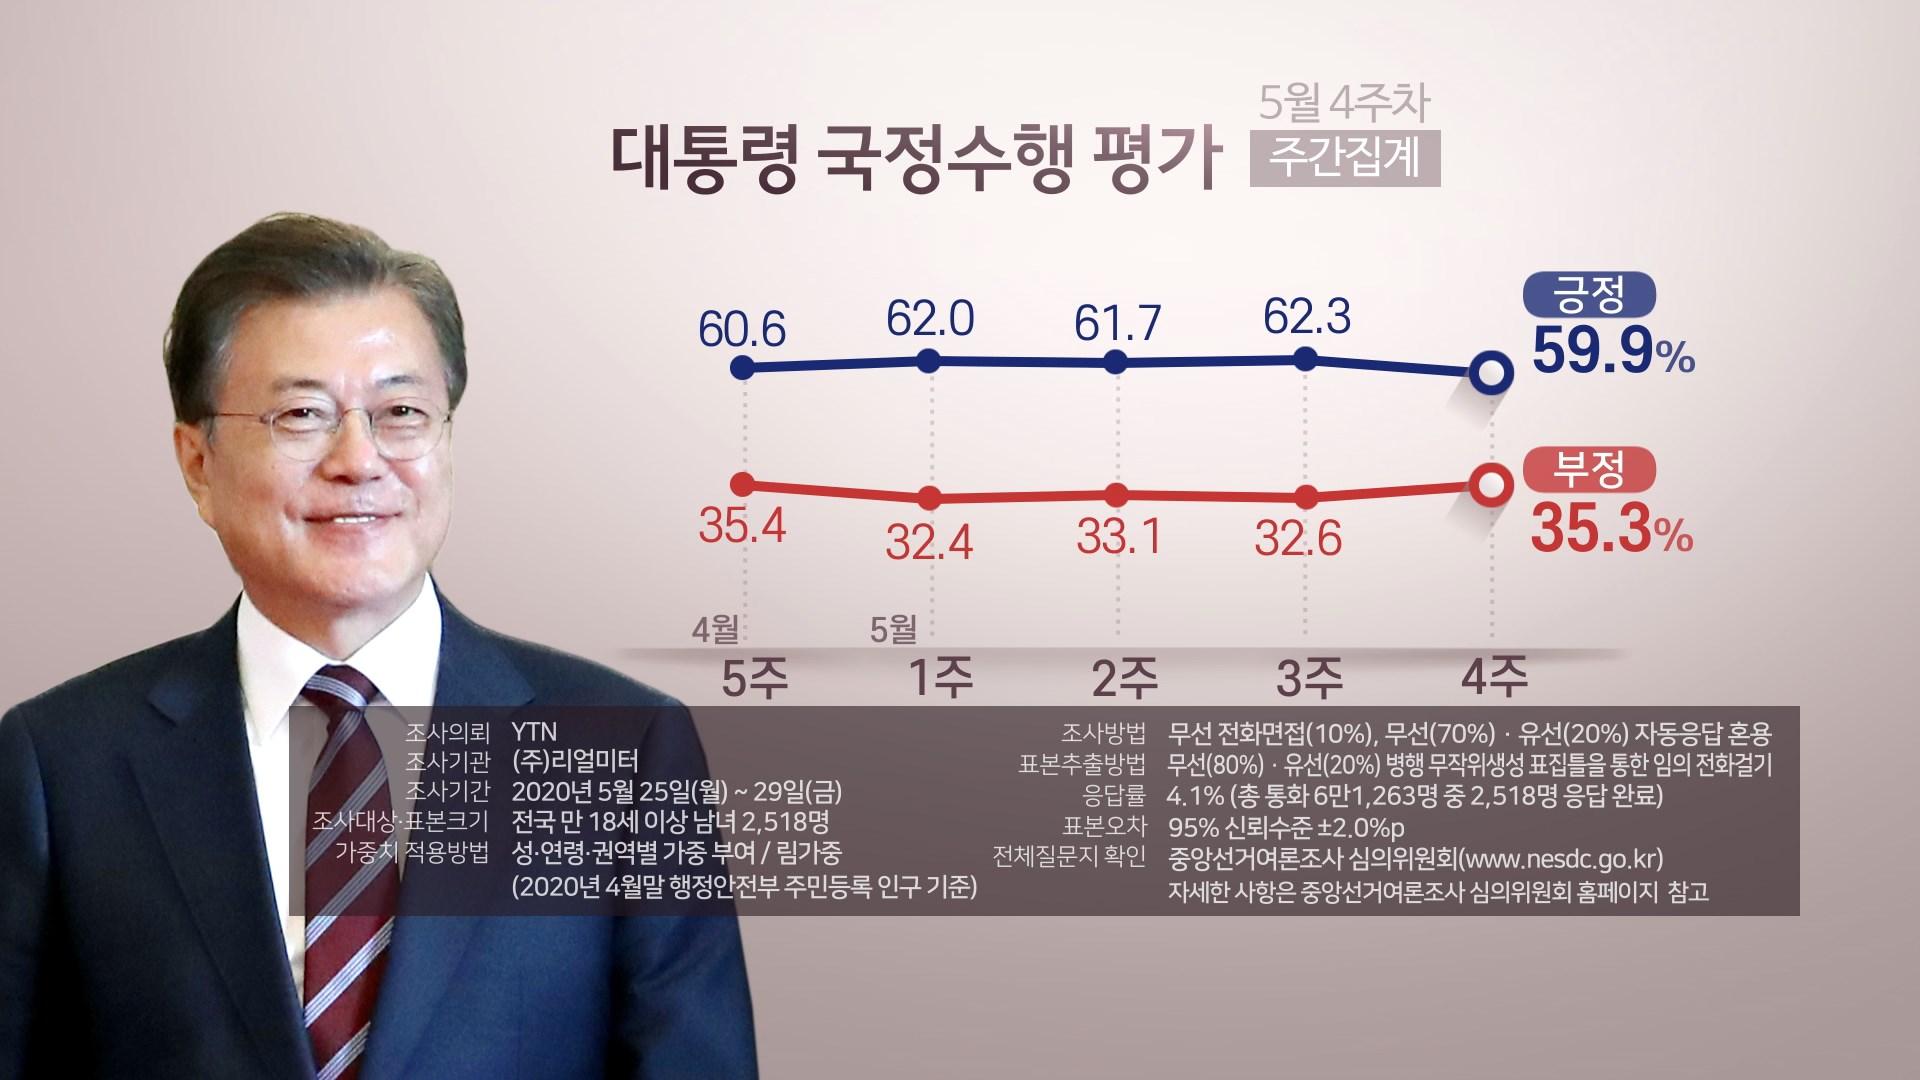 문 대통령 지지도 59.9%…6주만에 60% 아래로